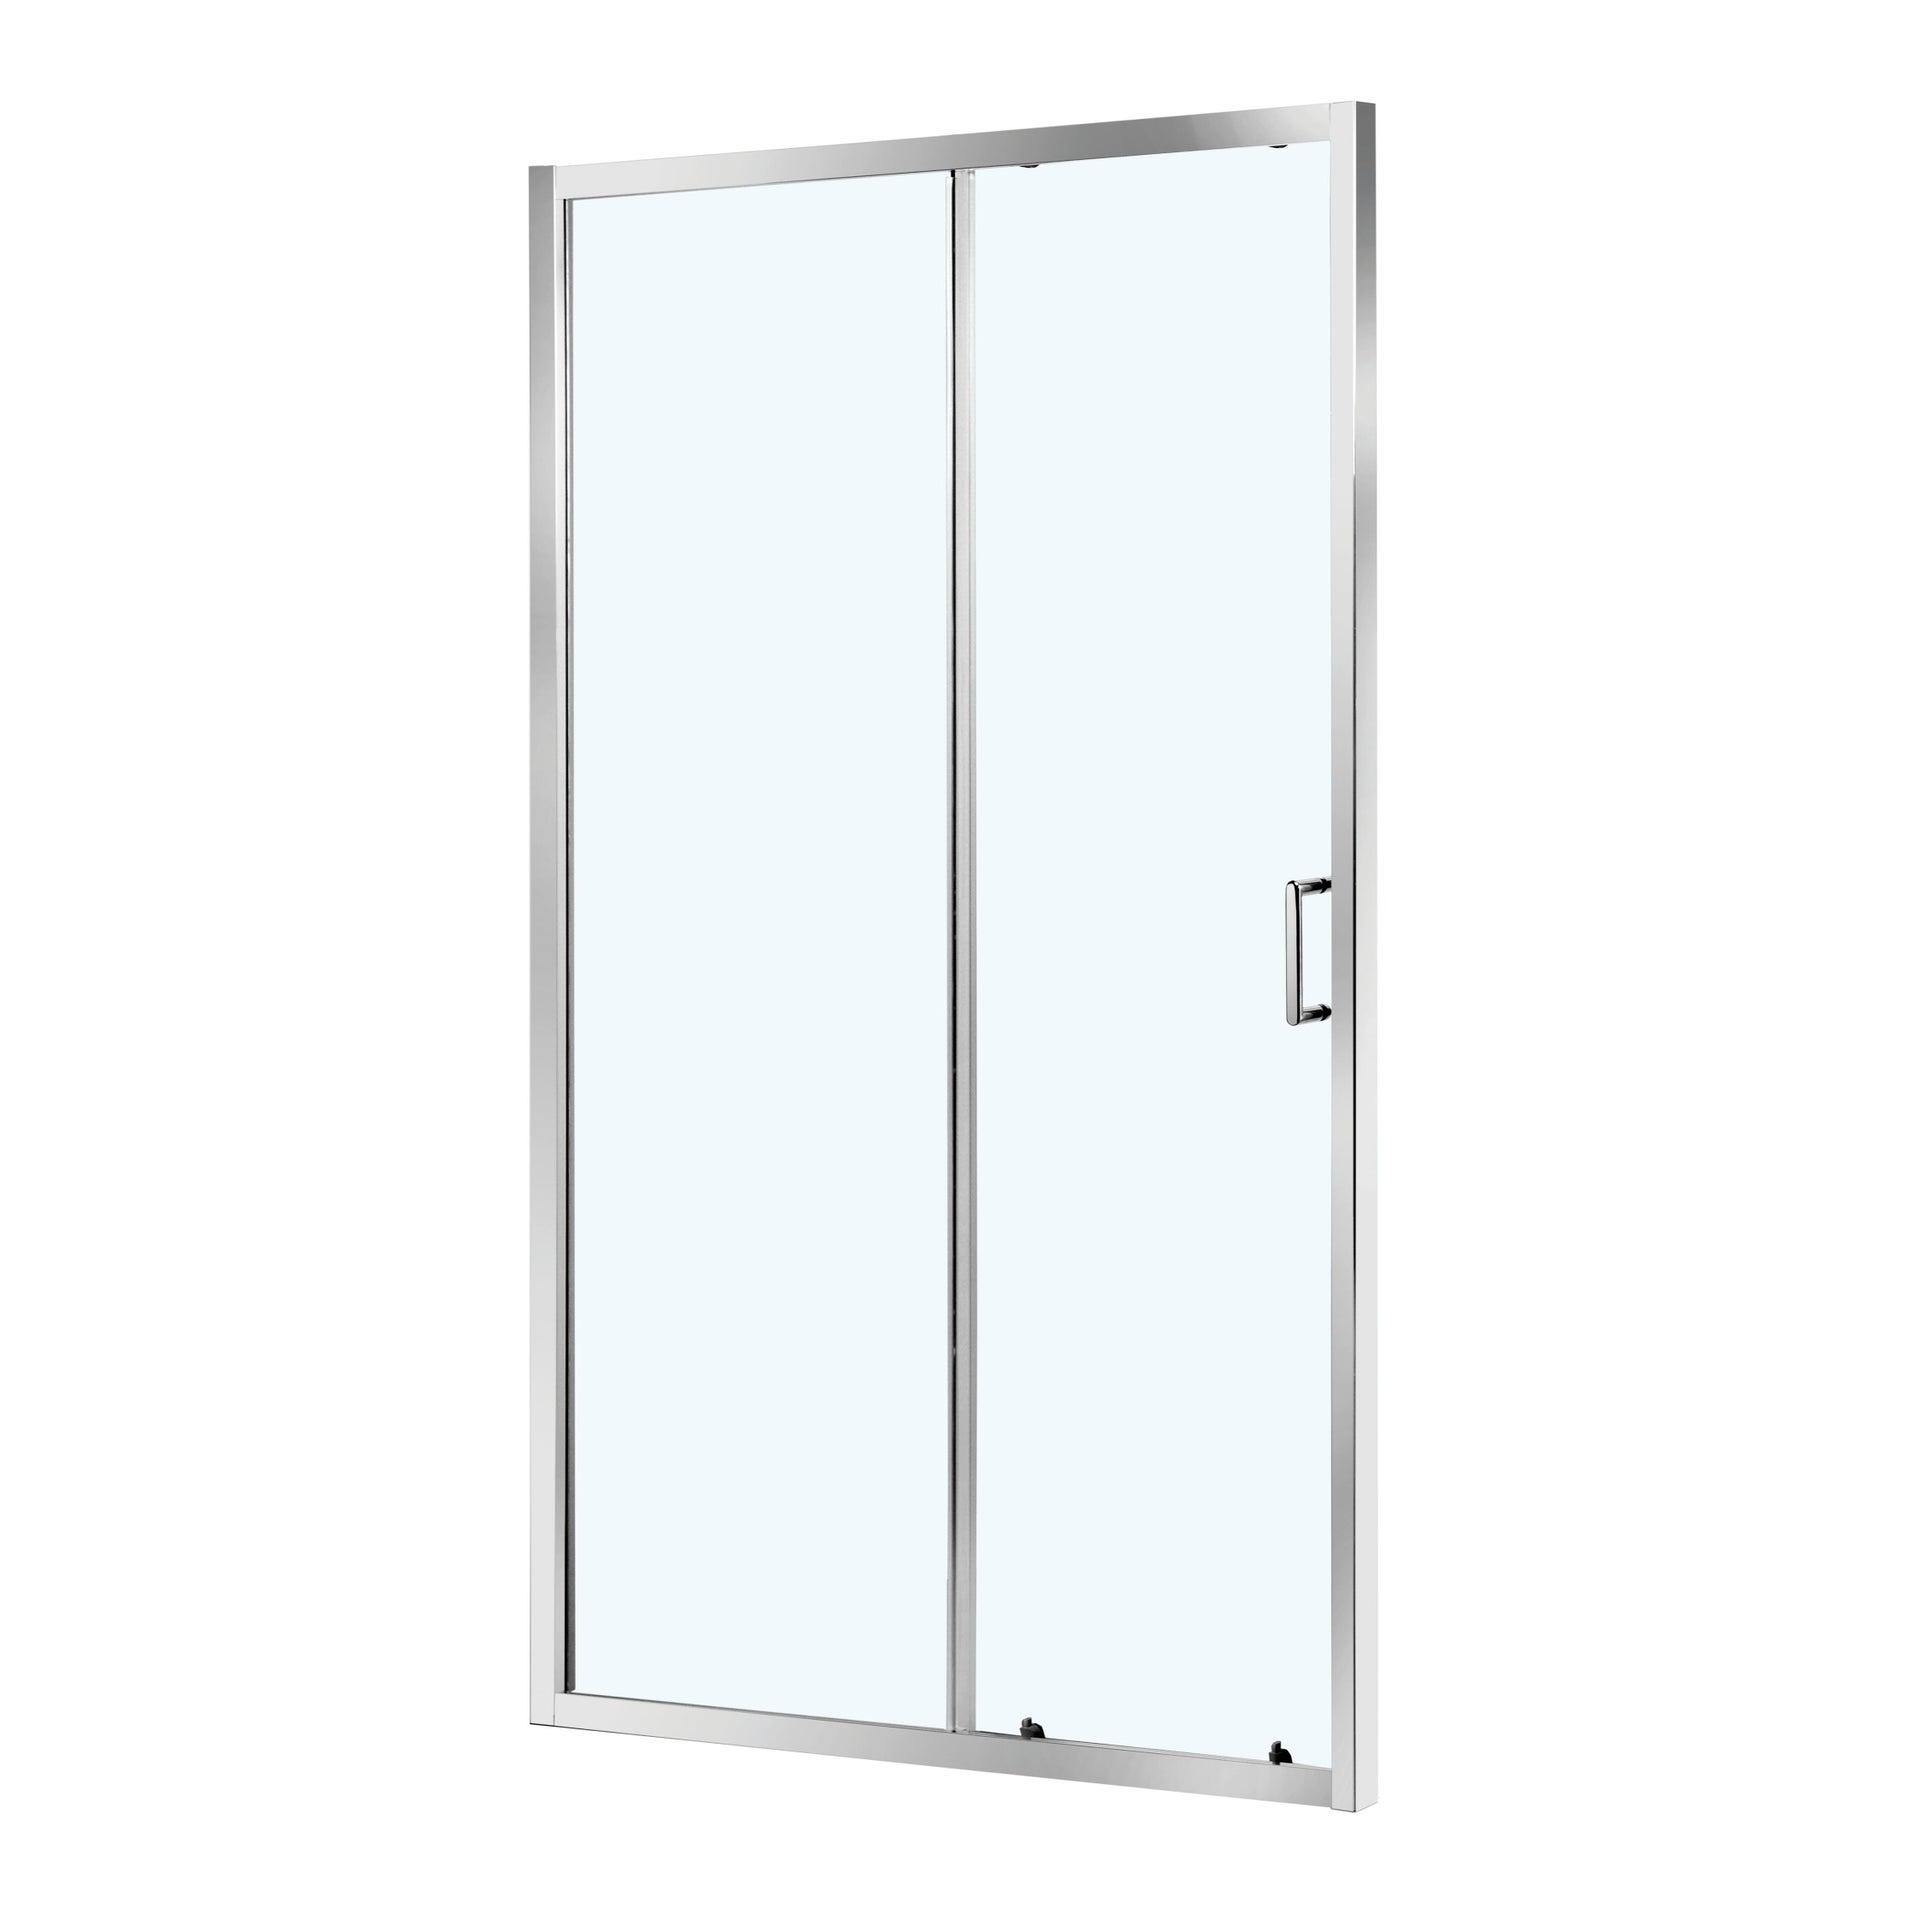 Porta doccia 1 anta fissa + 1 anta scorrevole ZESC 120 cm, H 190 cm in vetro temprato, spessore 6 mm trasparente cromato - 4